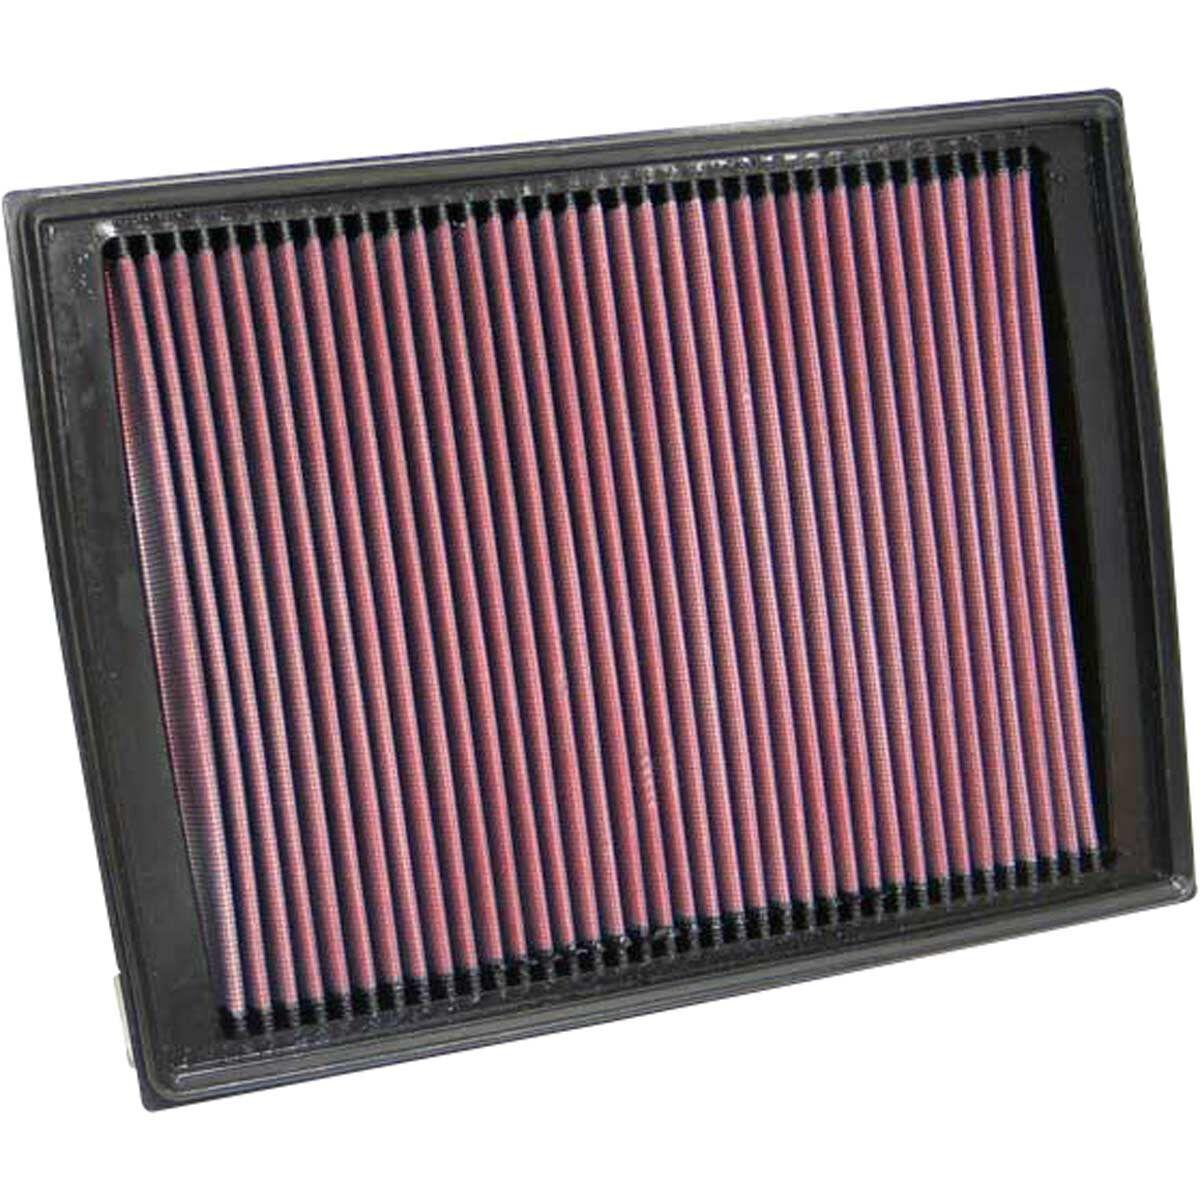 K/&N 33-2333 Replacement Air Filter